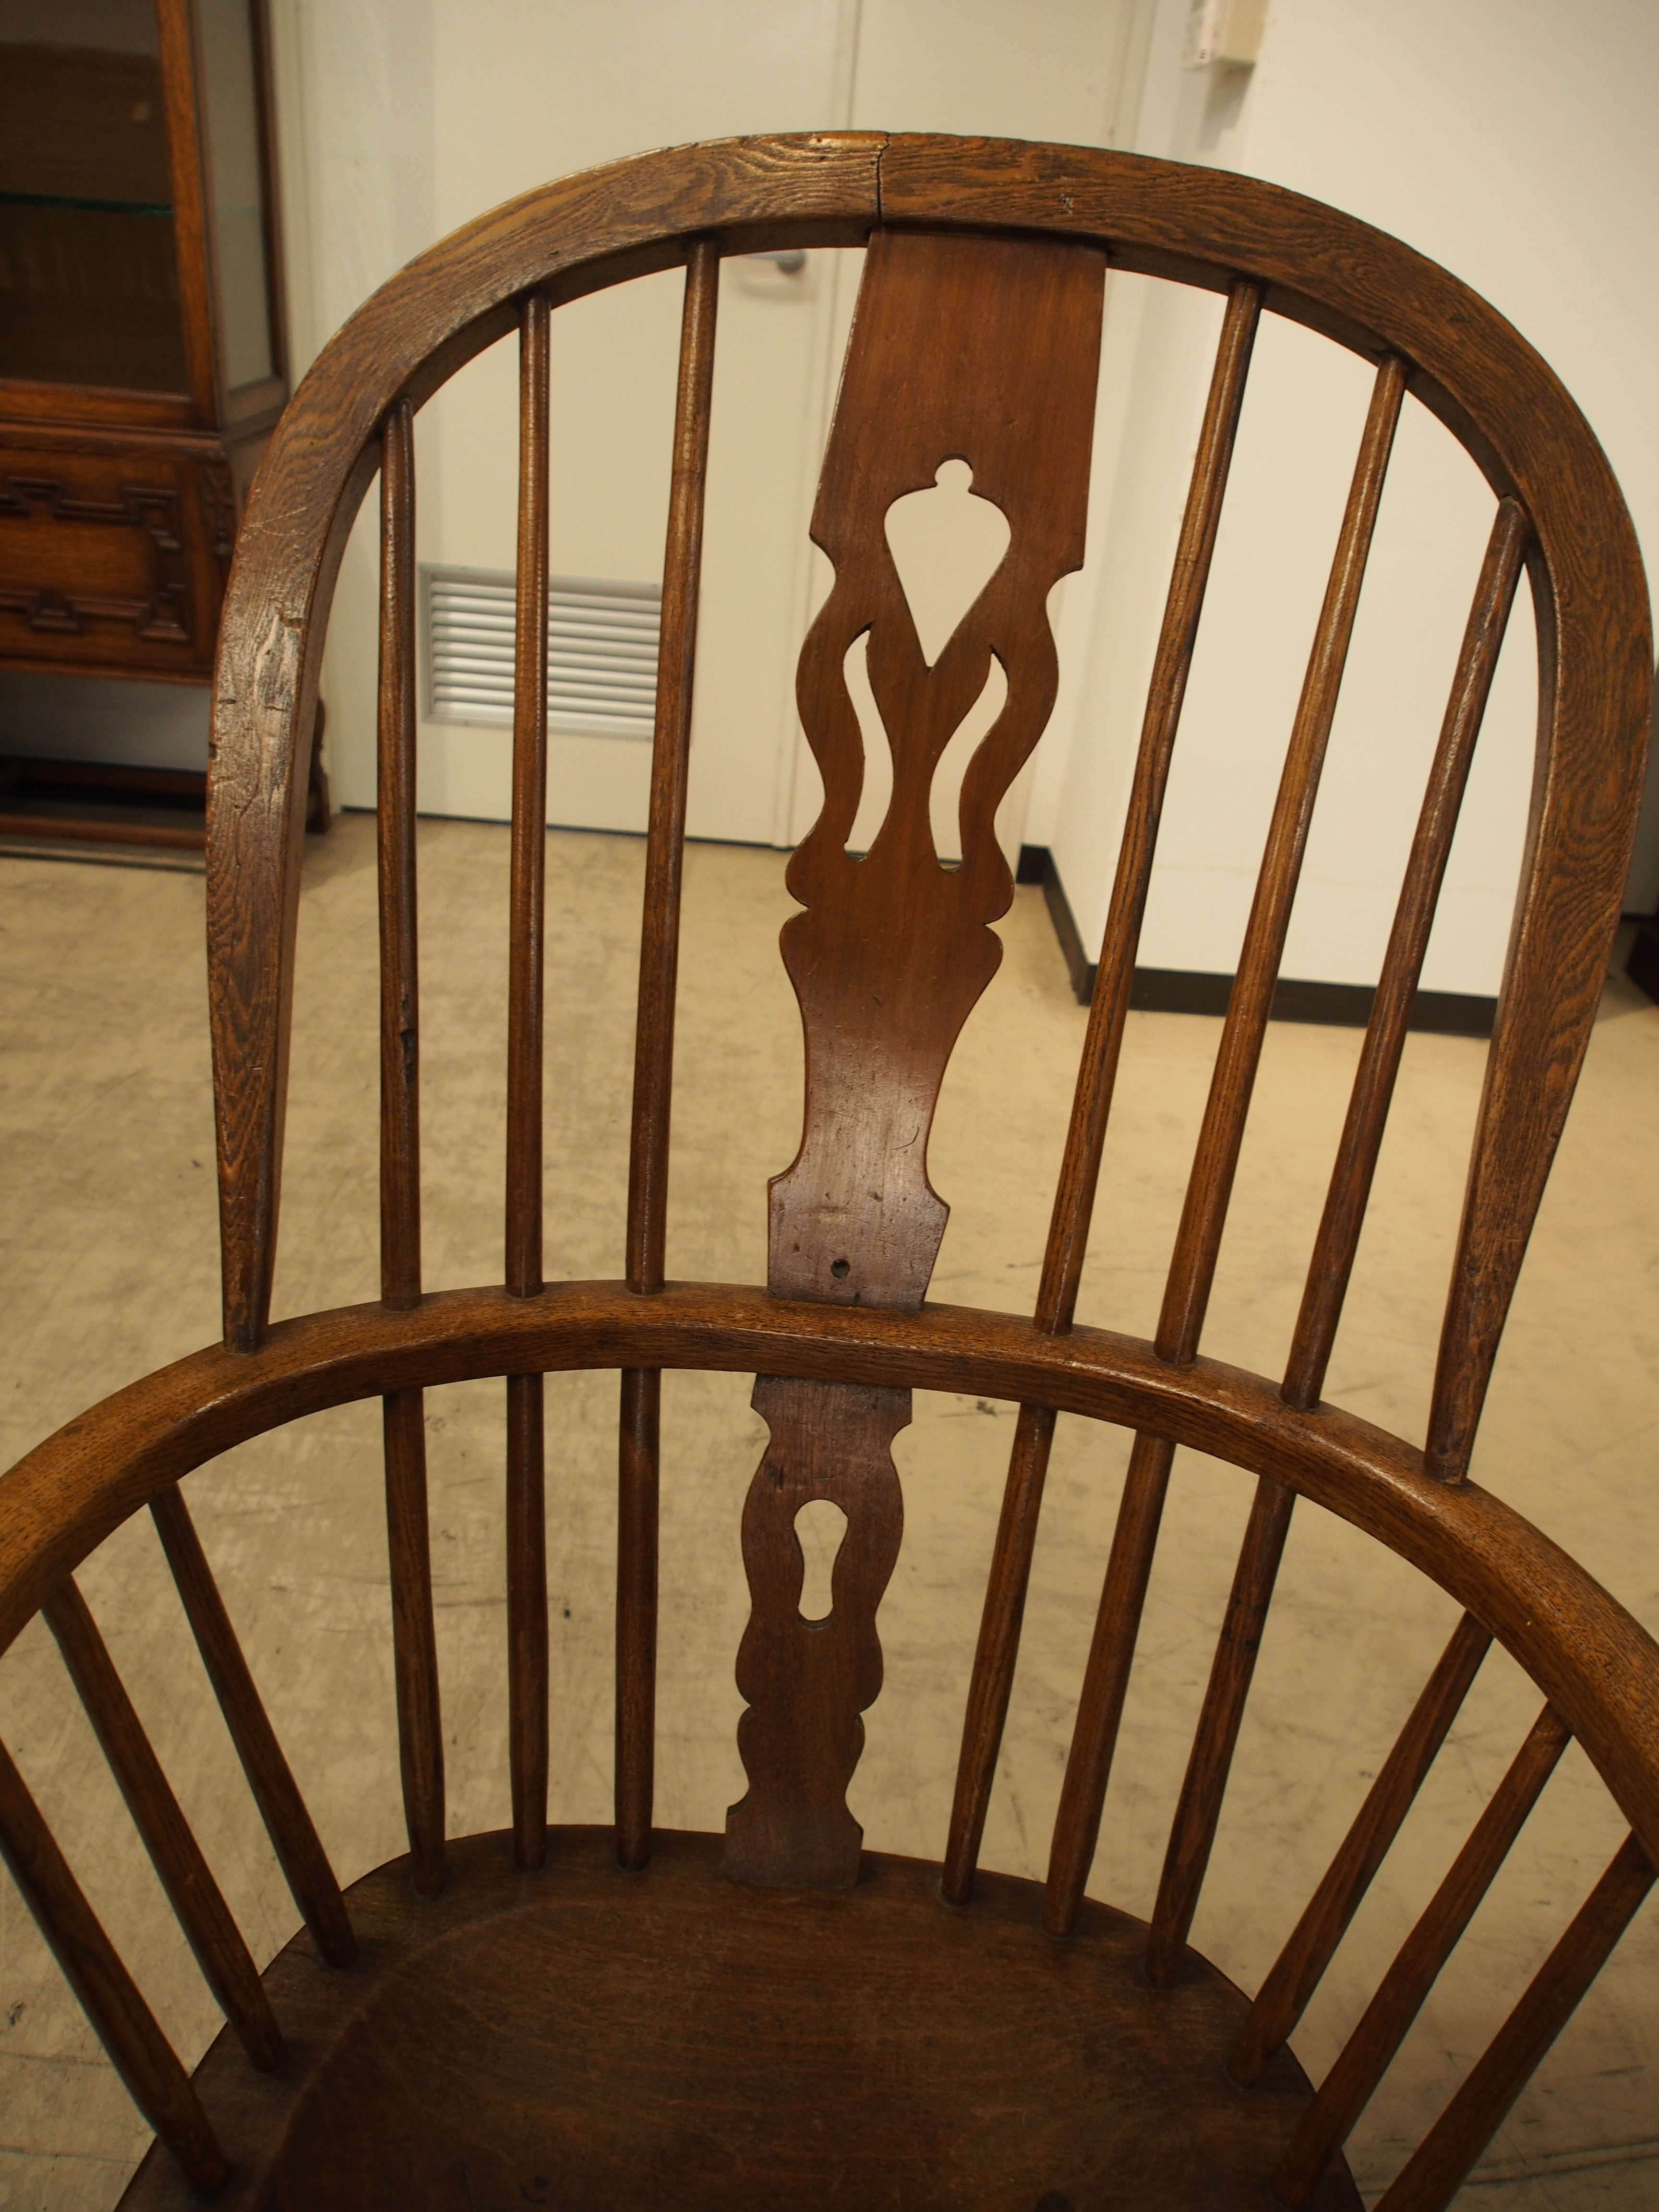 アンティーク ダブルボウバック ダブルボウバックウィンザーアームチェア ウィンザーチェア ウィンザーアームチェア  曲げ木椅子 肘掛け付き椅子 カントリーチェア ウィンザー地方 シャビー ヴィンテージ ビンテージ イギリスアンティーク家具 英国家具 ツインアンティークス TWIN ANTIQUES